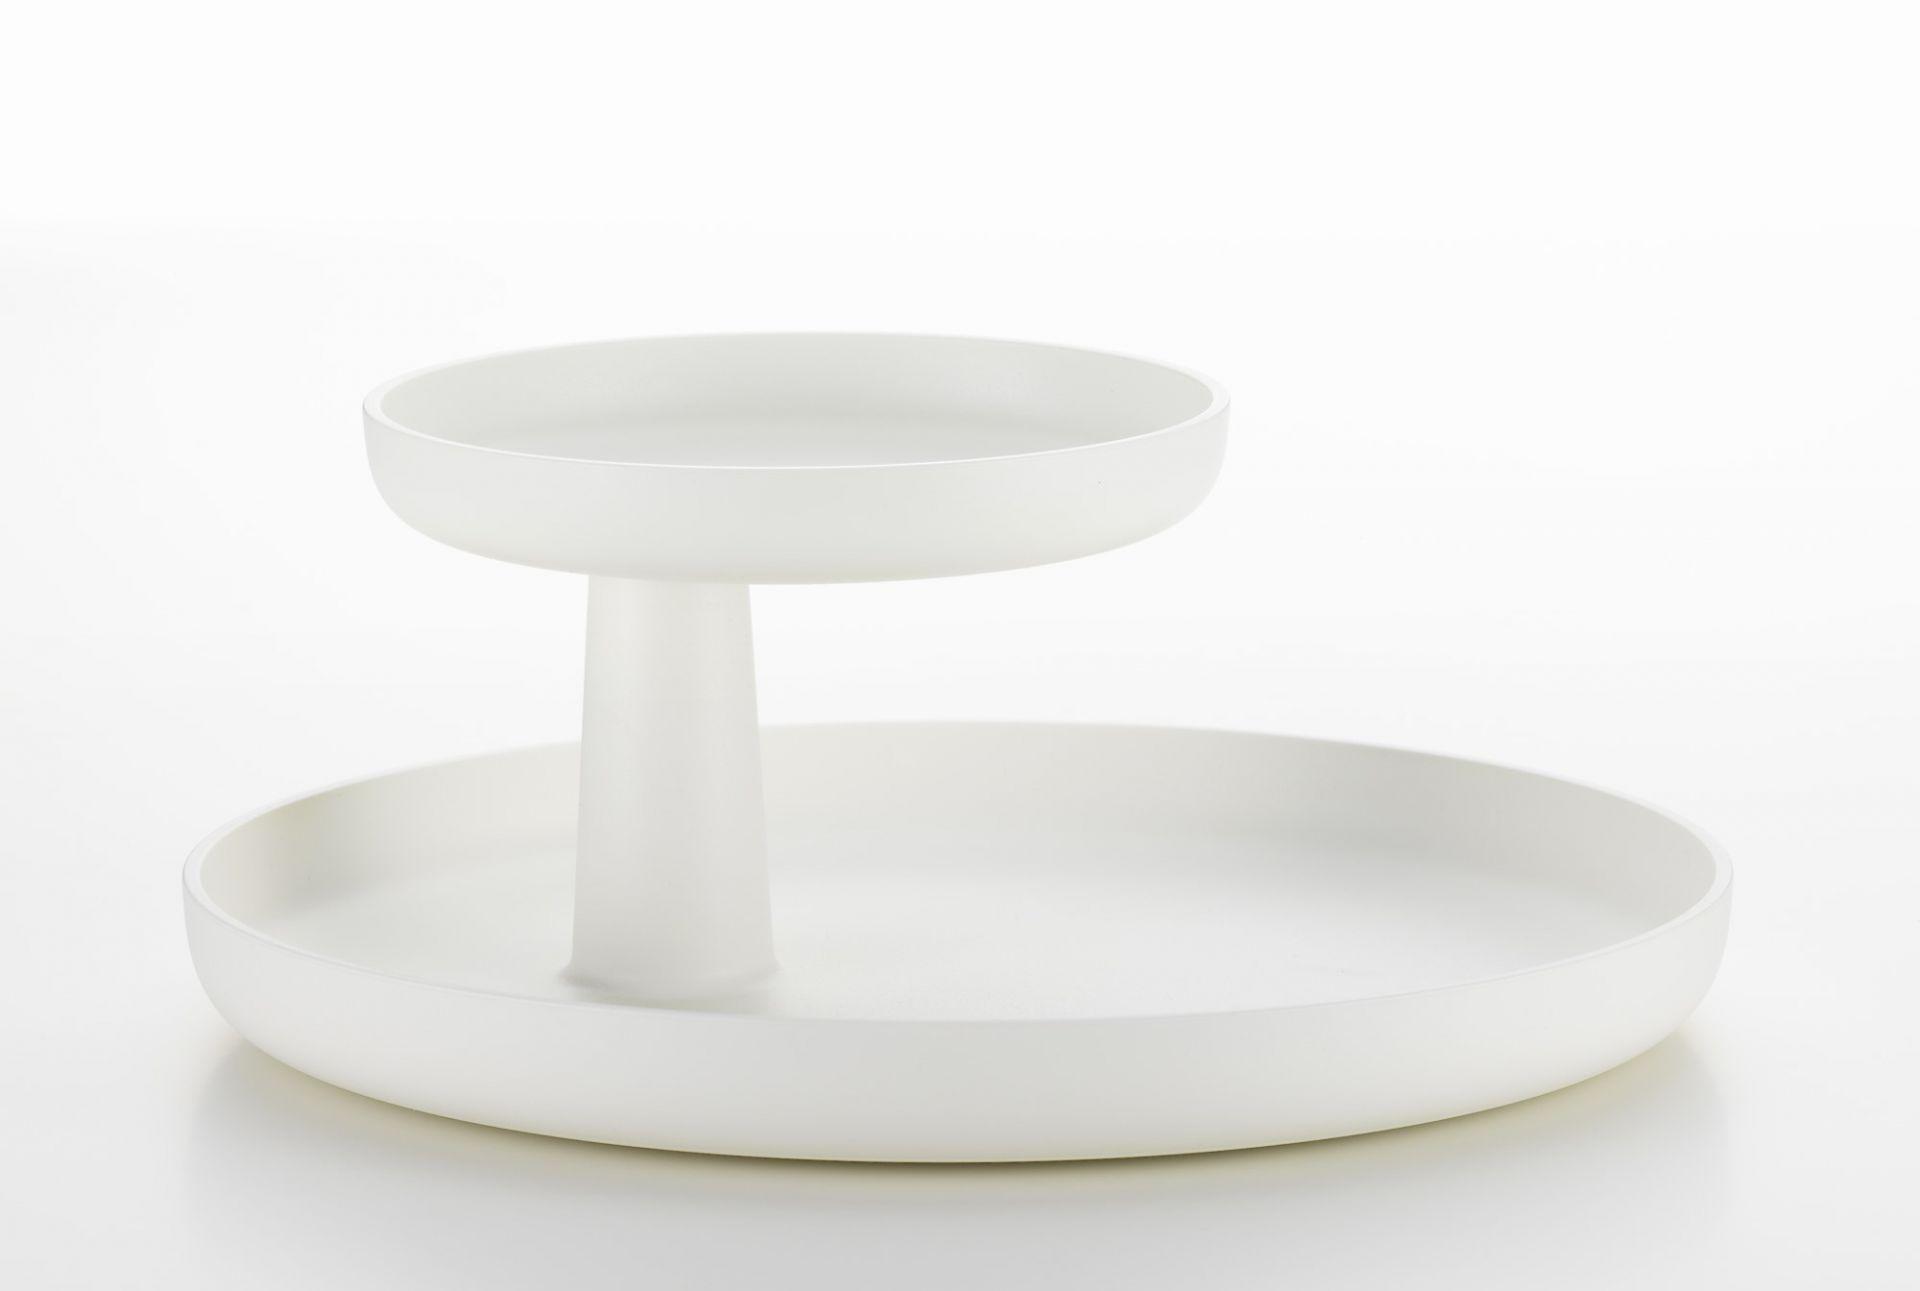 Rotary Tray Tablett Vitra-palmgrün